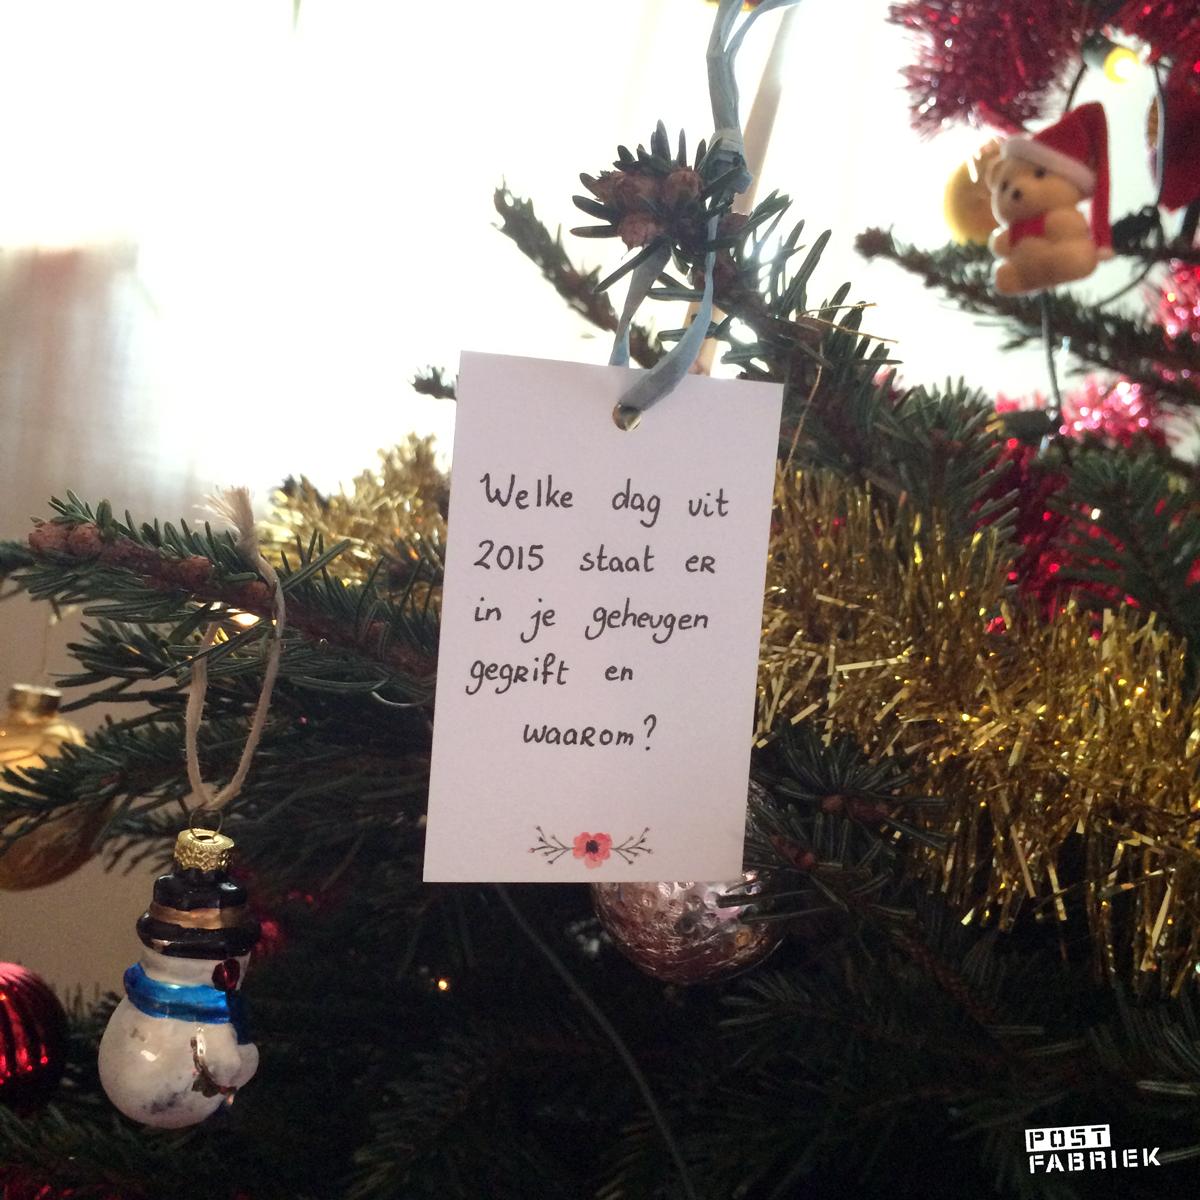 Vraag: welke dag uit 2015 staat er in je geheugen gegrift?